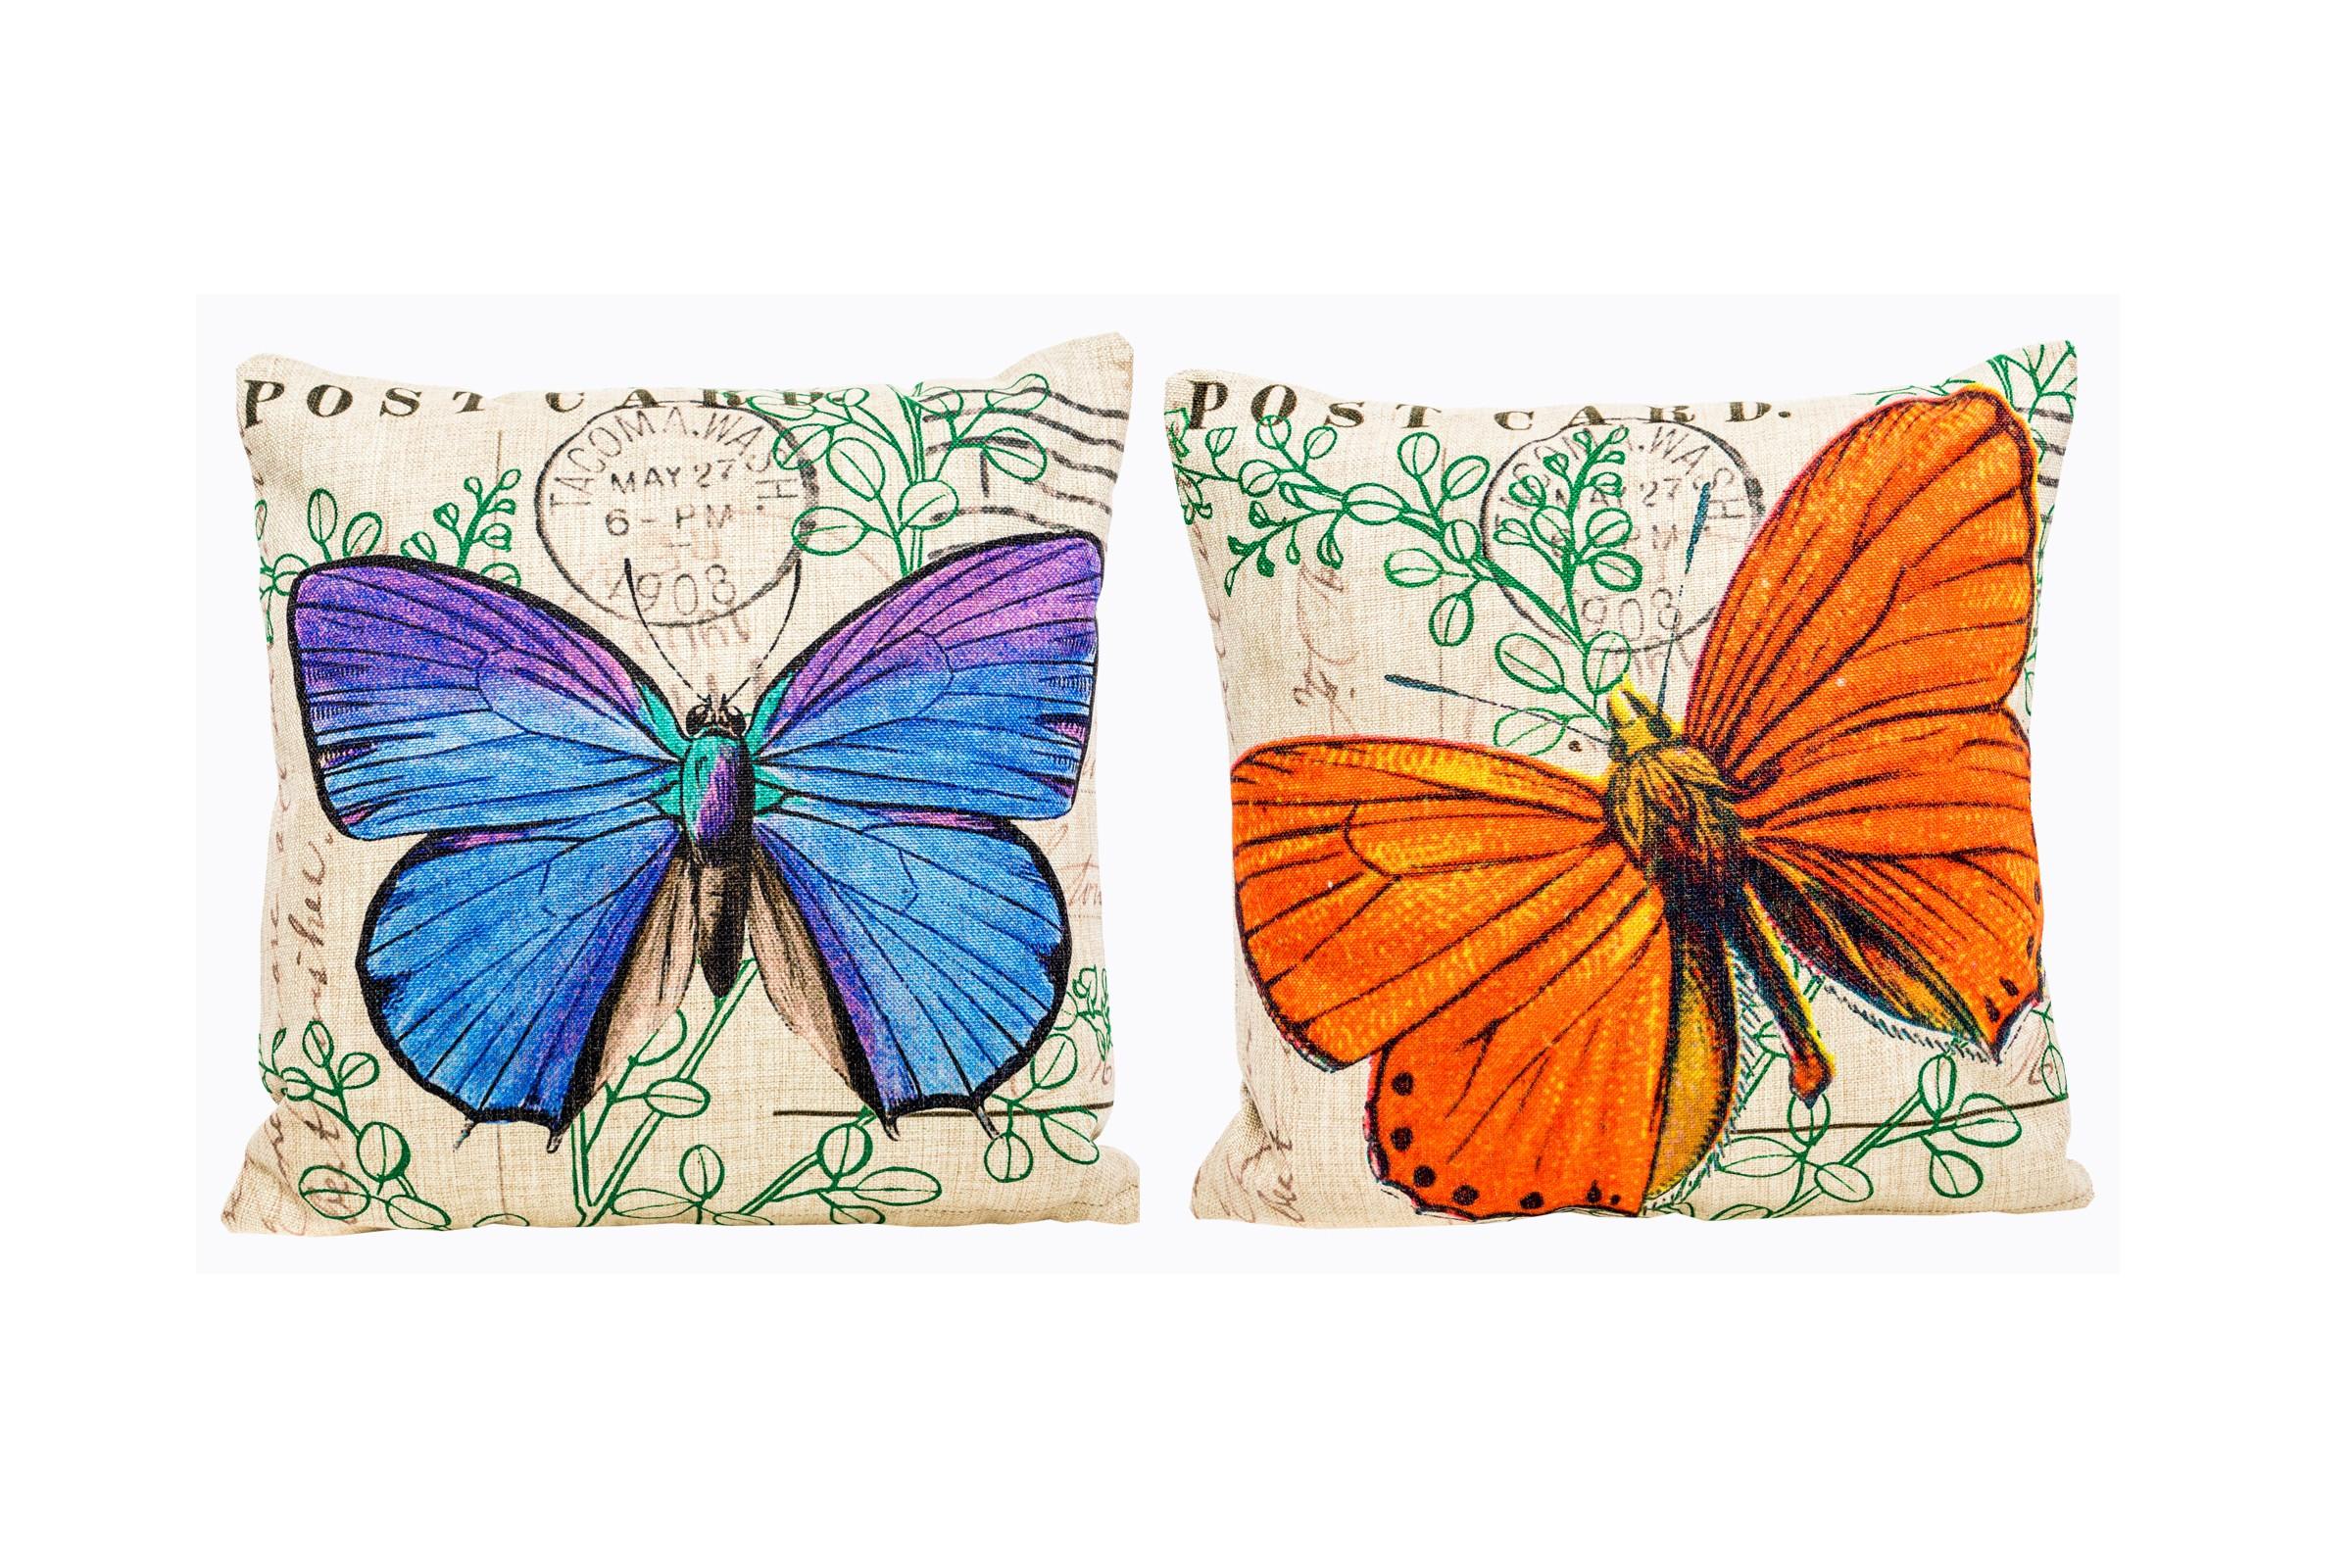 Набор из двух декоративных подушек Почтовый романКвадратные подушки<br>Цветные декоративные подушечки радикально преображают интерьер любого помещения, будь то спальня, гостиная, каминный зал, холл или студия.<br>Подушки, украшенные веселыми разноцветными бабочками, весьма желанны в детской комнате. Отметьте при этом их рациональный размер.<br>Окружите же себя позитивными вещицами, одухотворенными заботой, уютом и в прямом смысле теплом.&amp;amp;nbsp;&amp;lt;div&amp;gt;&amp;lt;br&amp;gt;&amp;lt;/div&amp;gt;&amp;lt;div&amp;gt;Подушки  уникальны: рисунок выпущен лимитированным тиражом.<br>При выборе декоративного чехла для подушечки обратите внимание на высокую плотность ткани. Она обеспечит вам не только дополнительную мягкость, но и максимальную долговечность любимого аксессуара.&amp;lt;/div&amp;gt;<br><br>Material: Хлопок<br>Width см: 45<br>Height см: 45